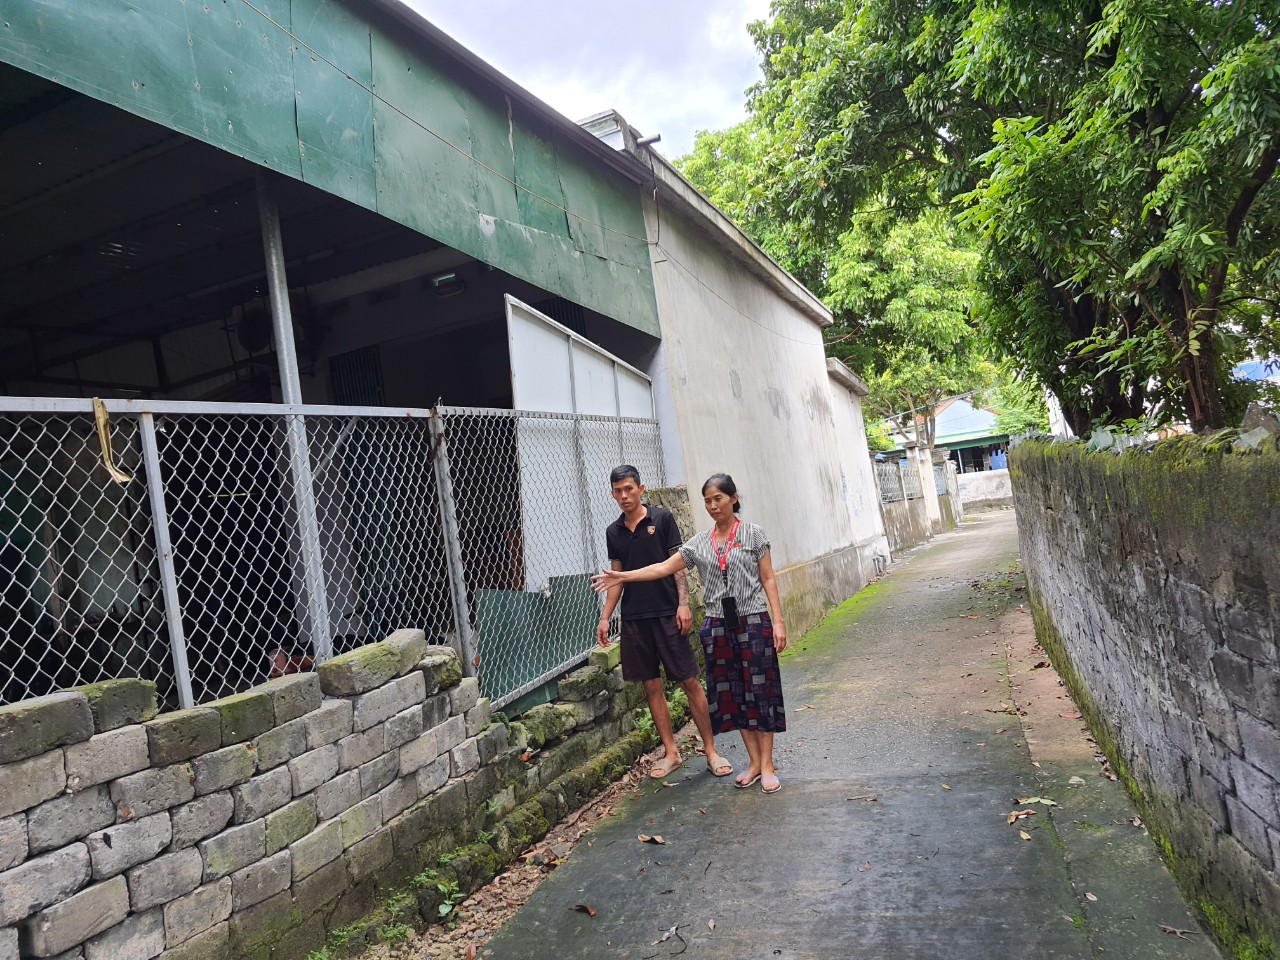 Cần làm rõ vụ việc tranh chấp đất tại phường Quang Trung (Kỳ 2)